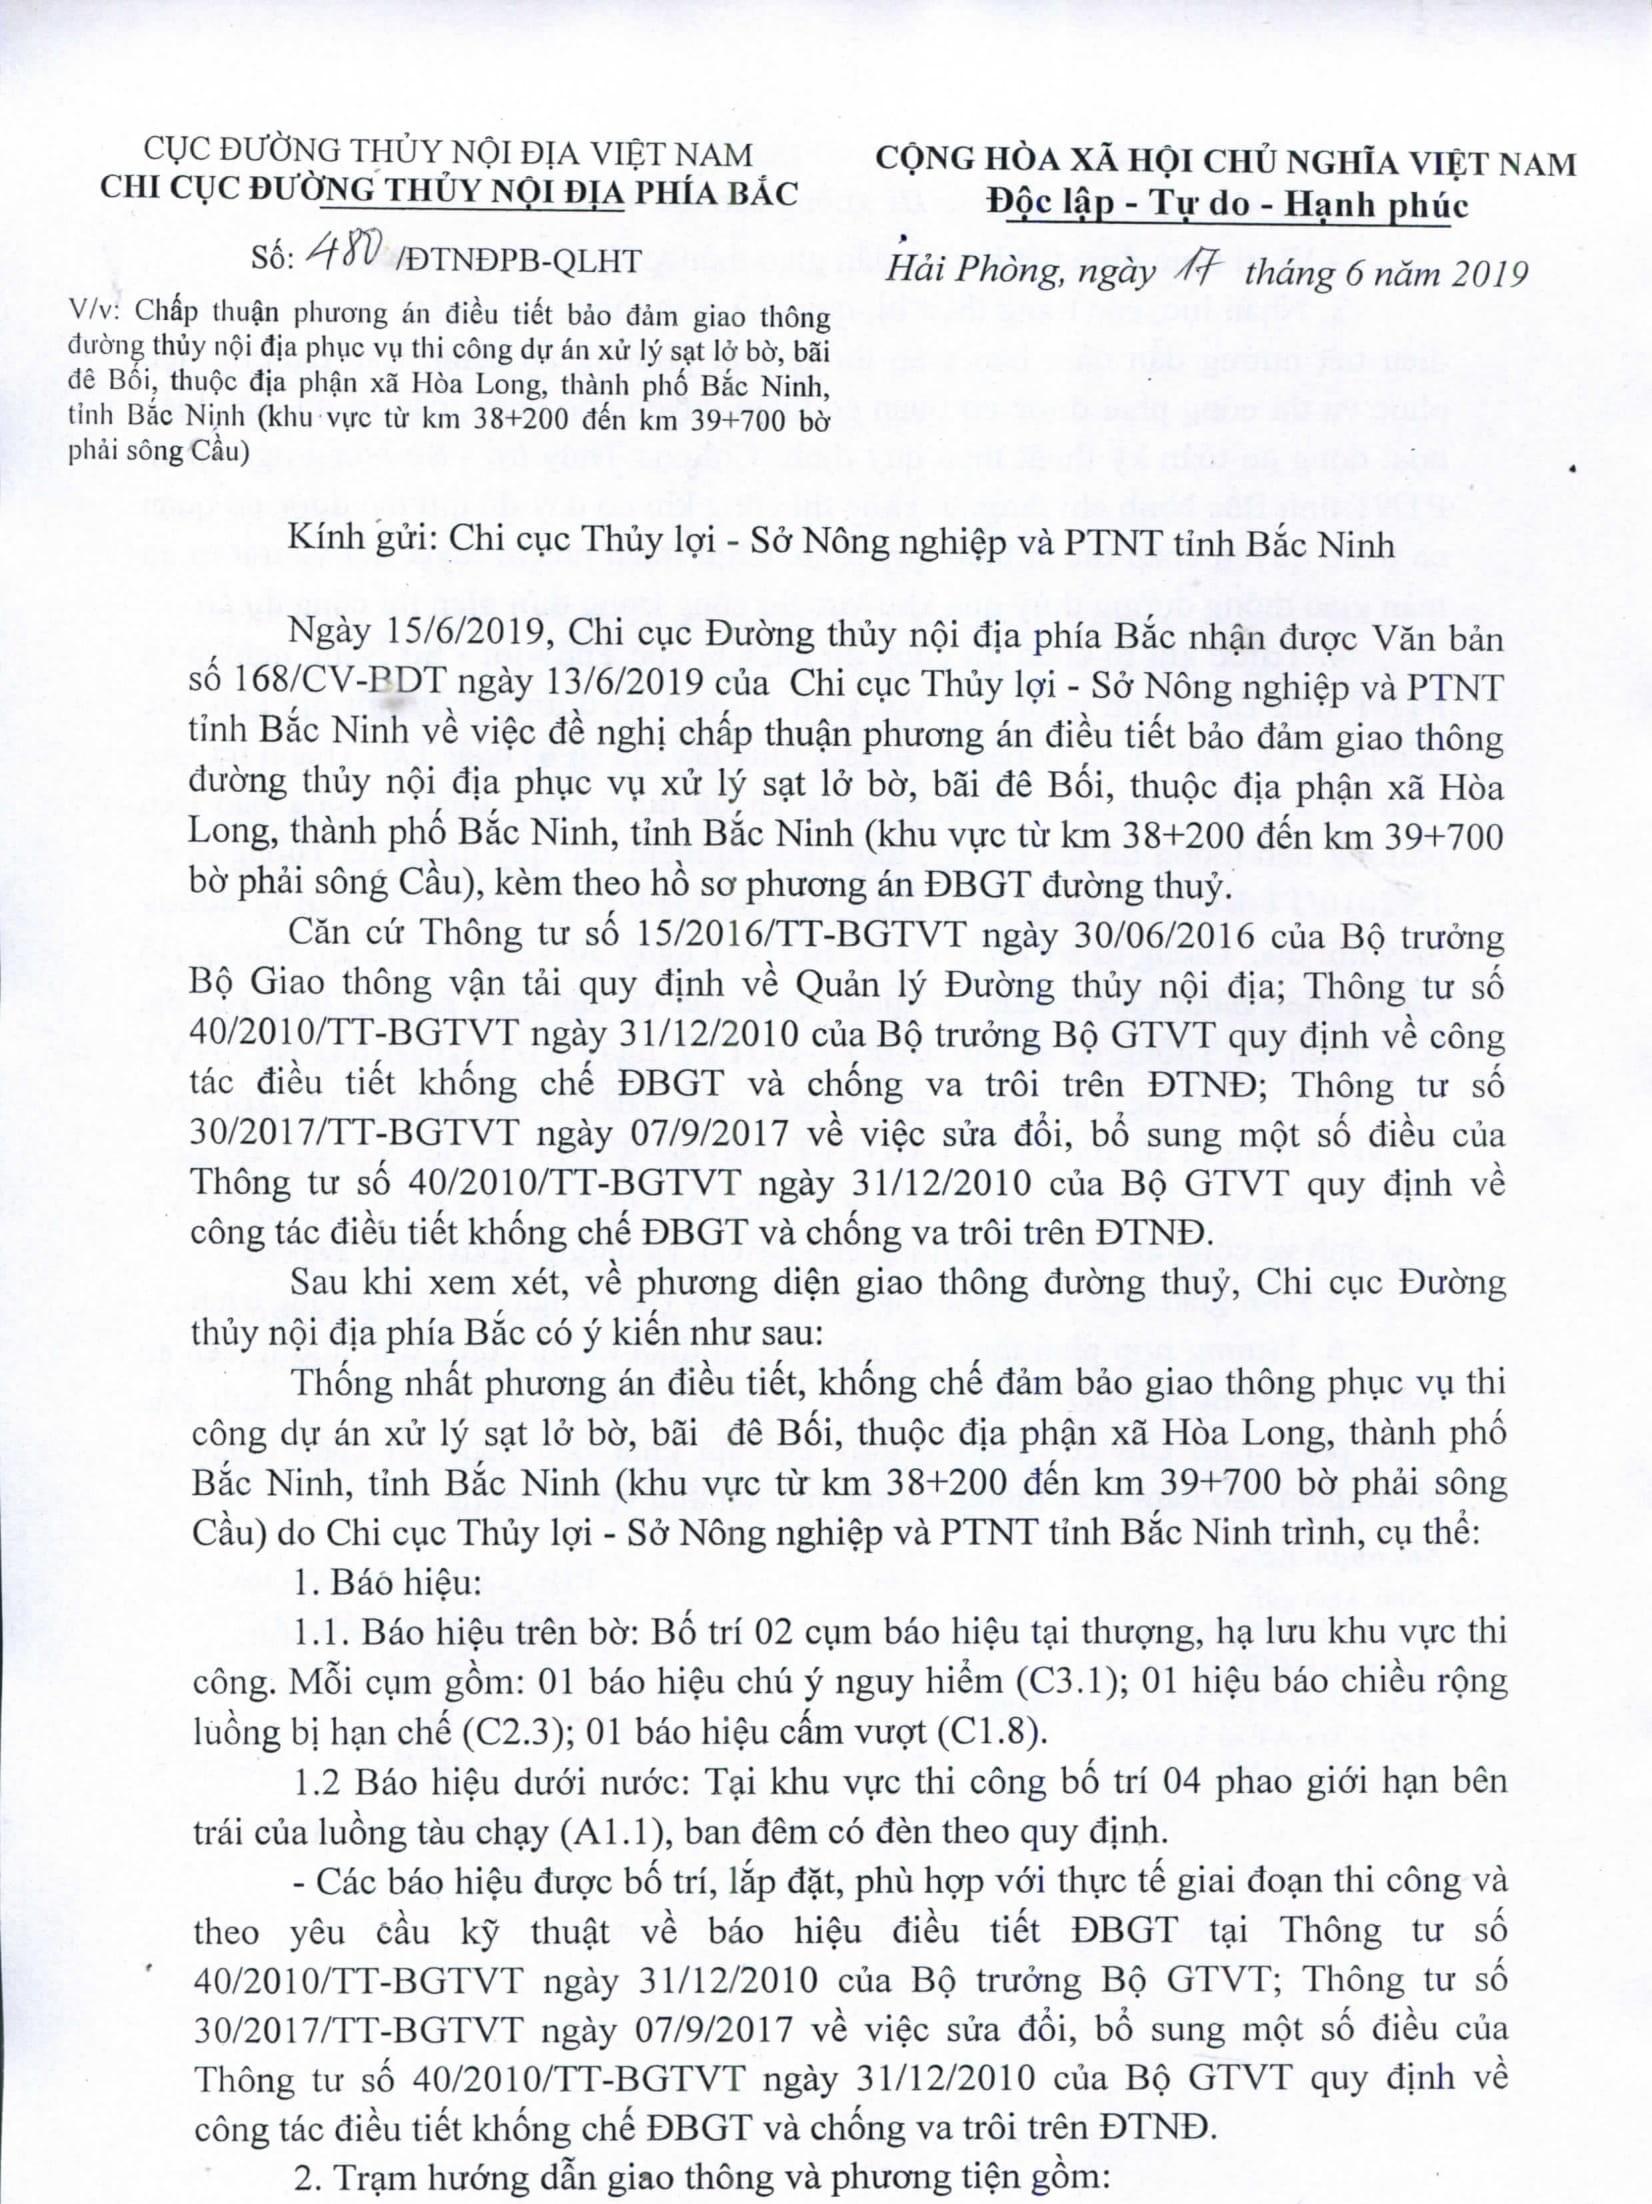 Chấp thuận PA điều tiết bảo đảm GTĐT phục vụ thi công dư án xử lý sạt lở bờ, bãi đê Bối, thuộc địa phần xã Hòa Long, thành phố Bắc Ninh, tỉnh Bắc Ninh